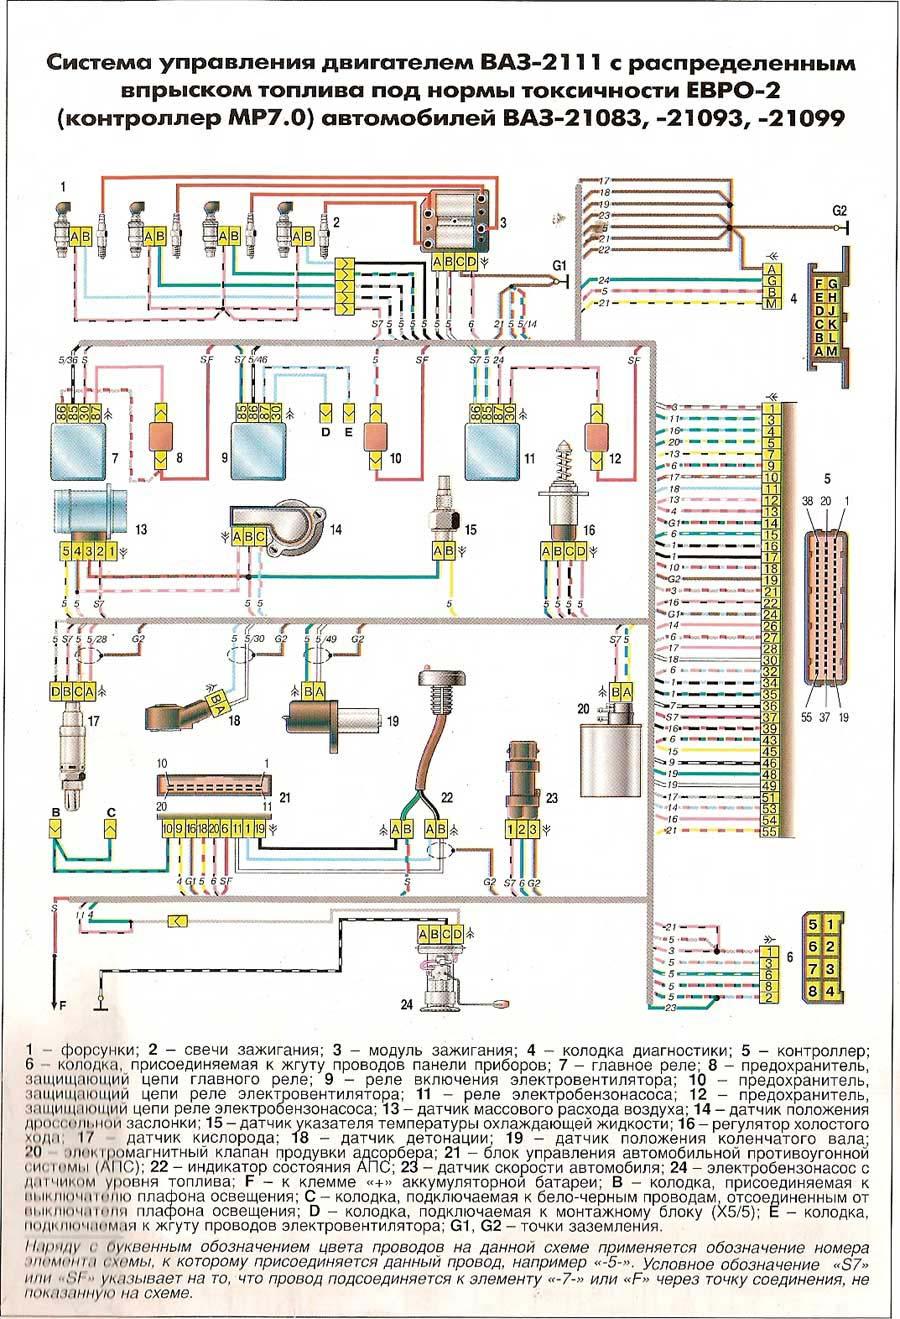 Схема ВАЗ-2111 с распределенным впрыском топлива под нормы токсичности ЕВРО-2 (контроллер MP7.0) Схема автомобилей...